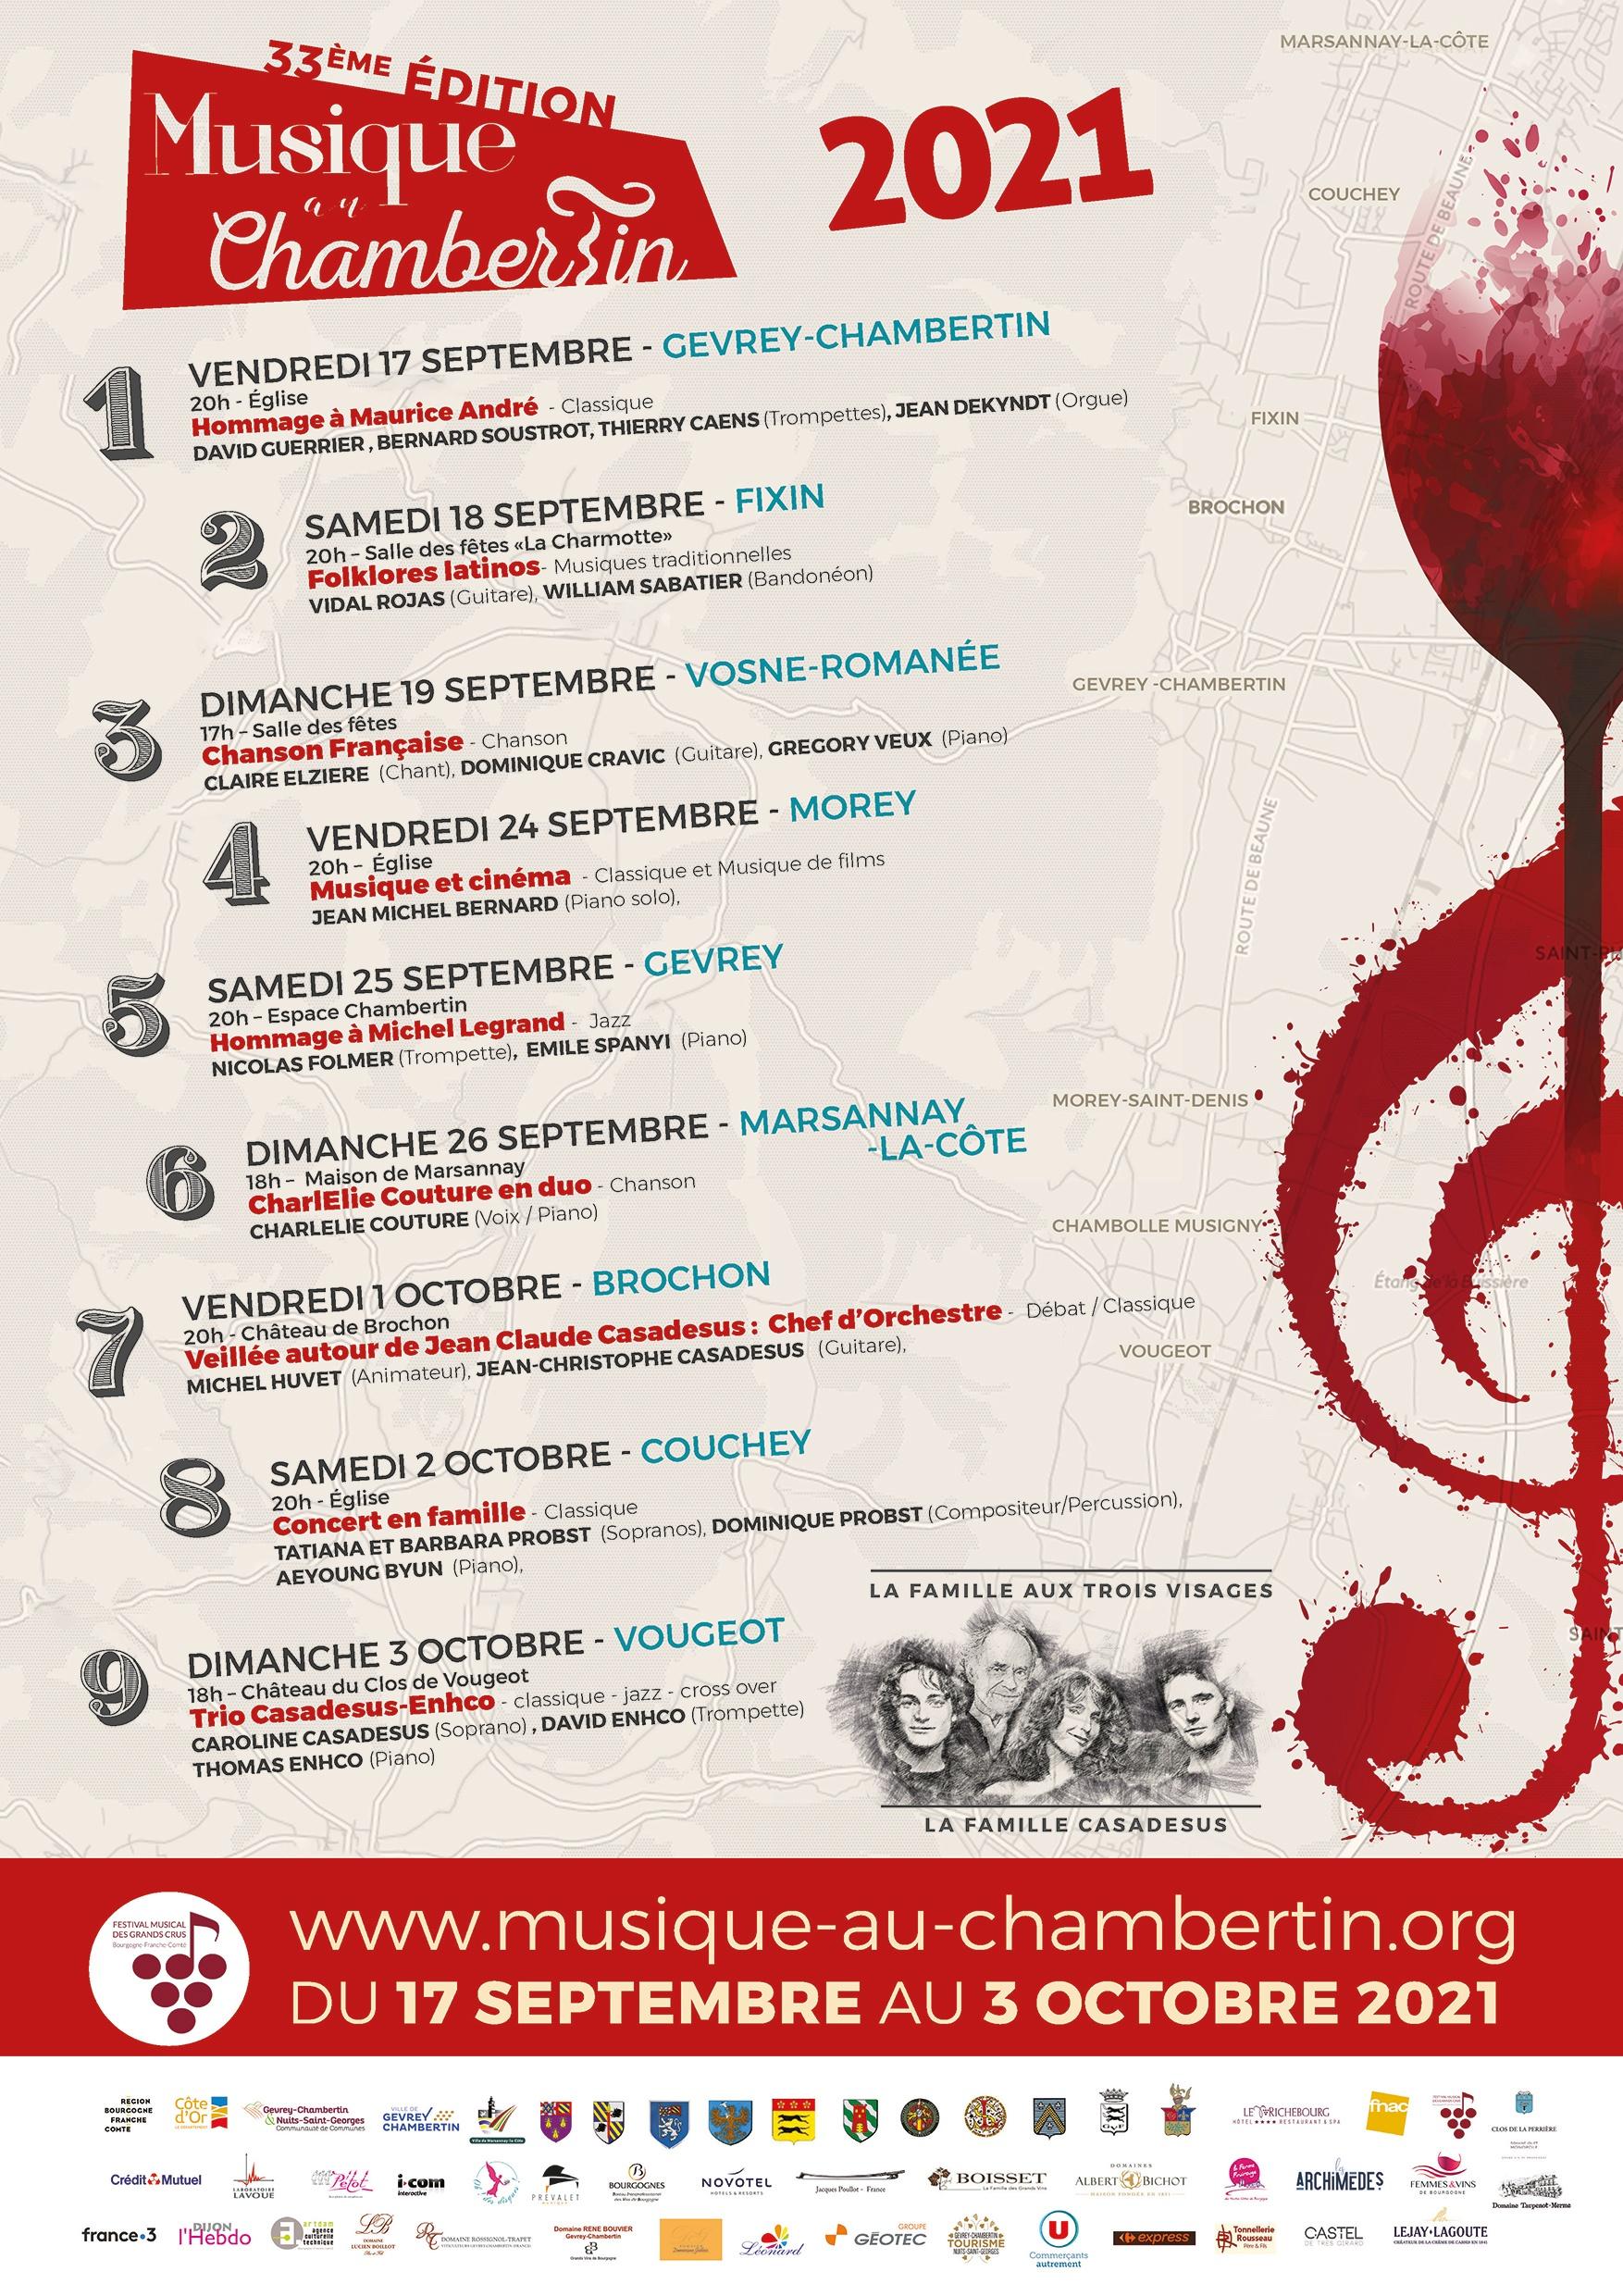 Musique au Chambertin 2021 : le remède n°1 de la côte de Nuits revient cet automne